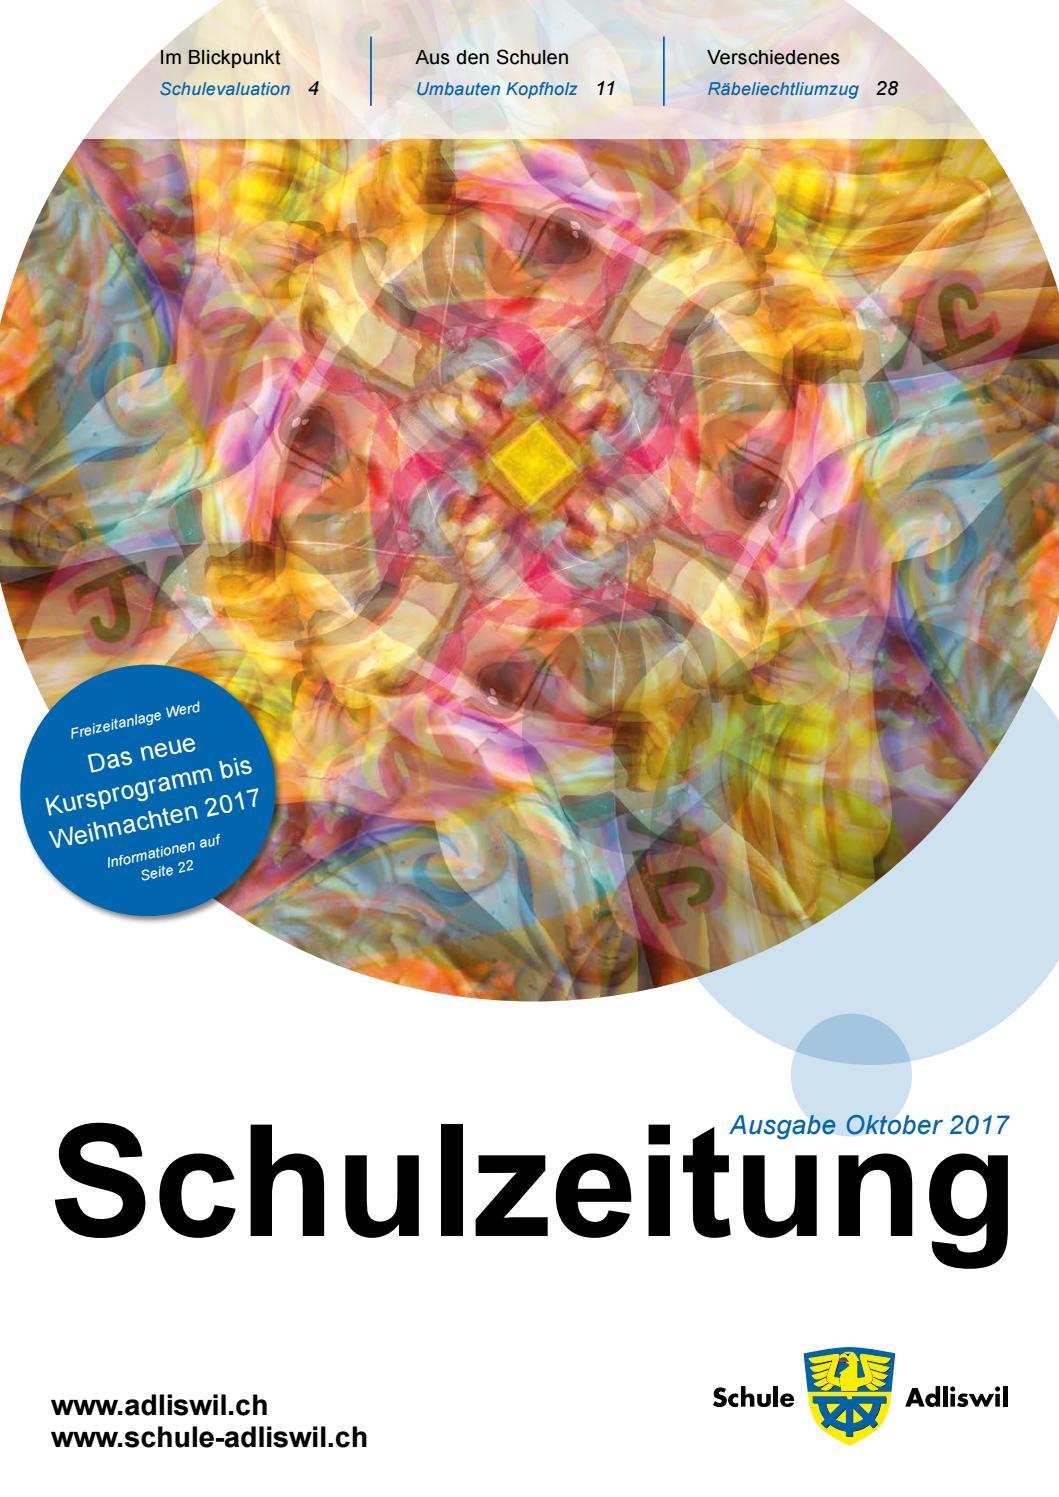 Schulzeitung adliswil oktober17 online by Schule Adliswil - issuu